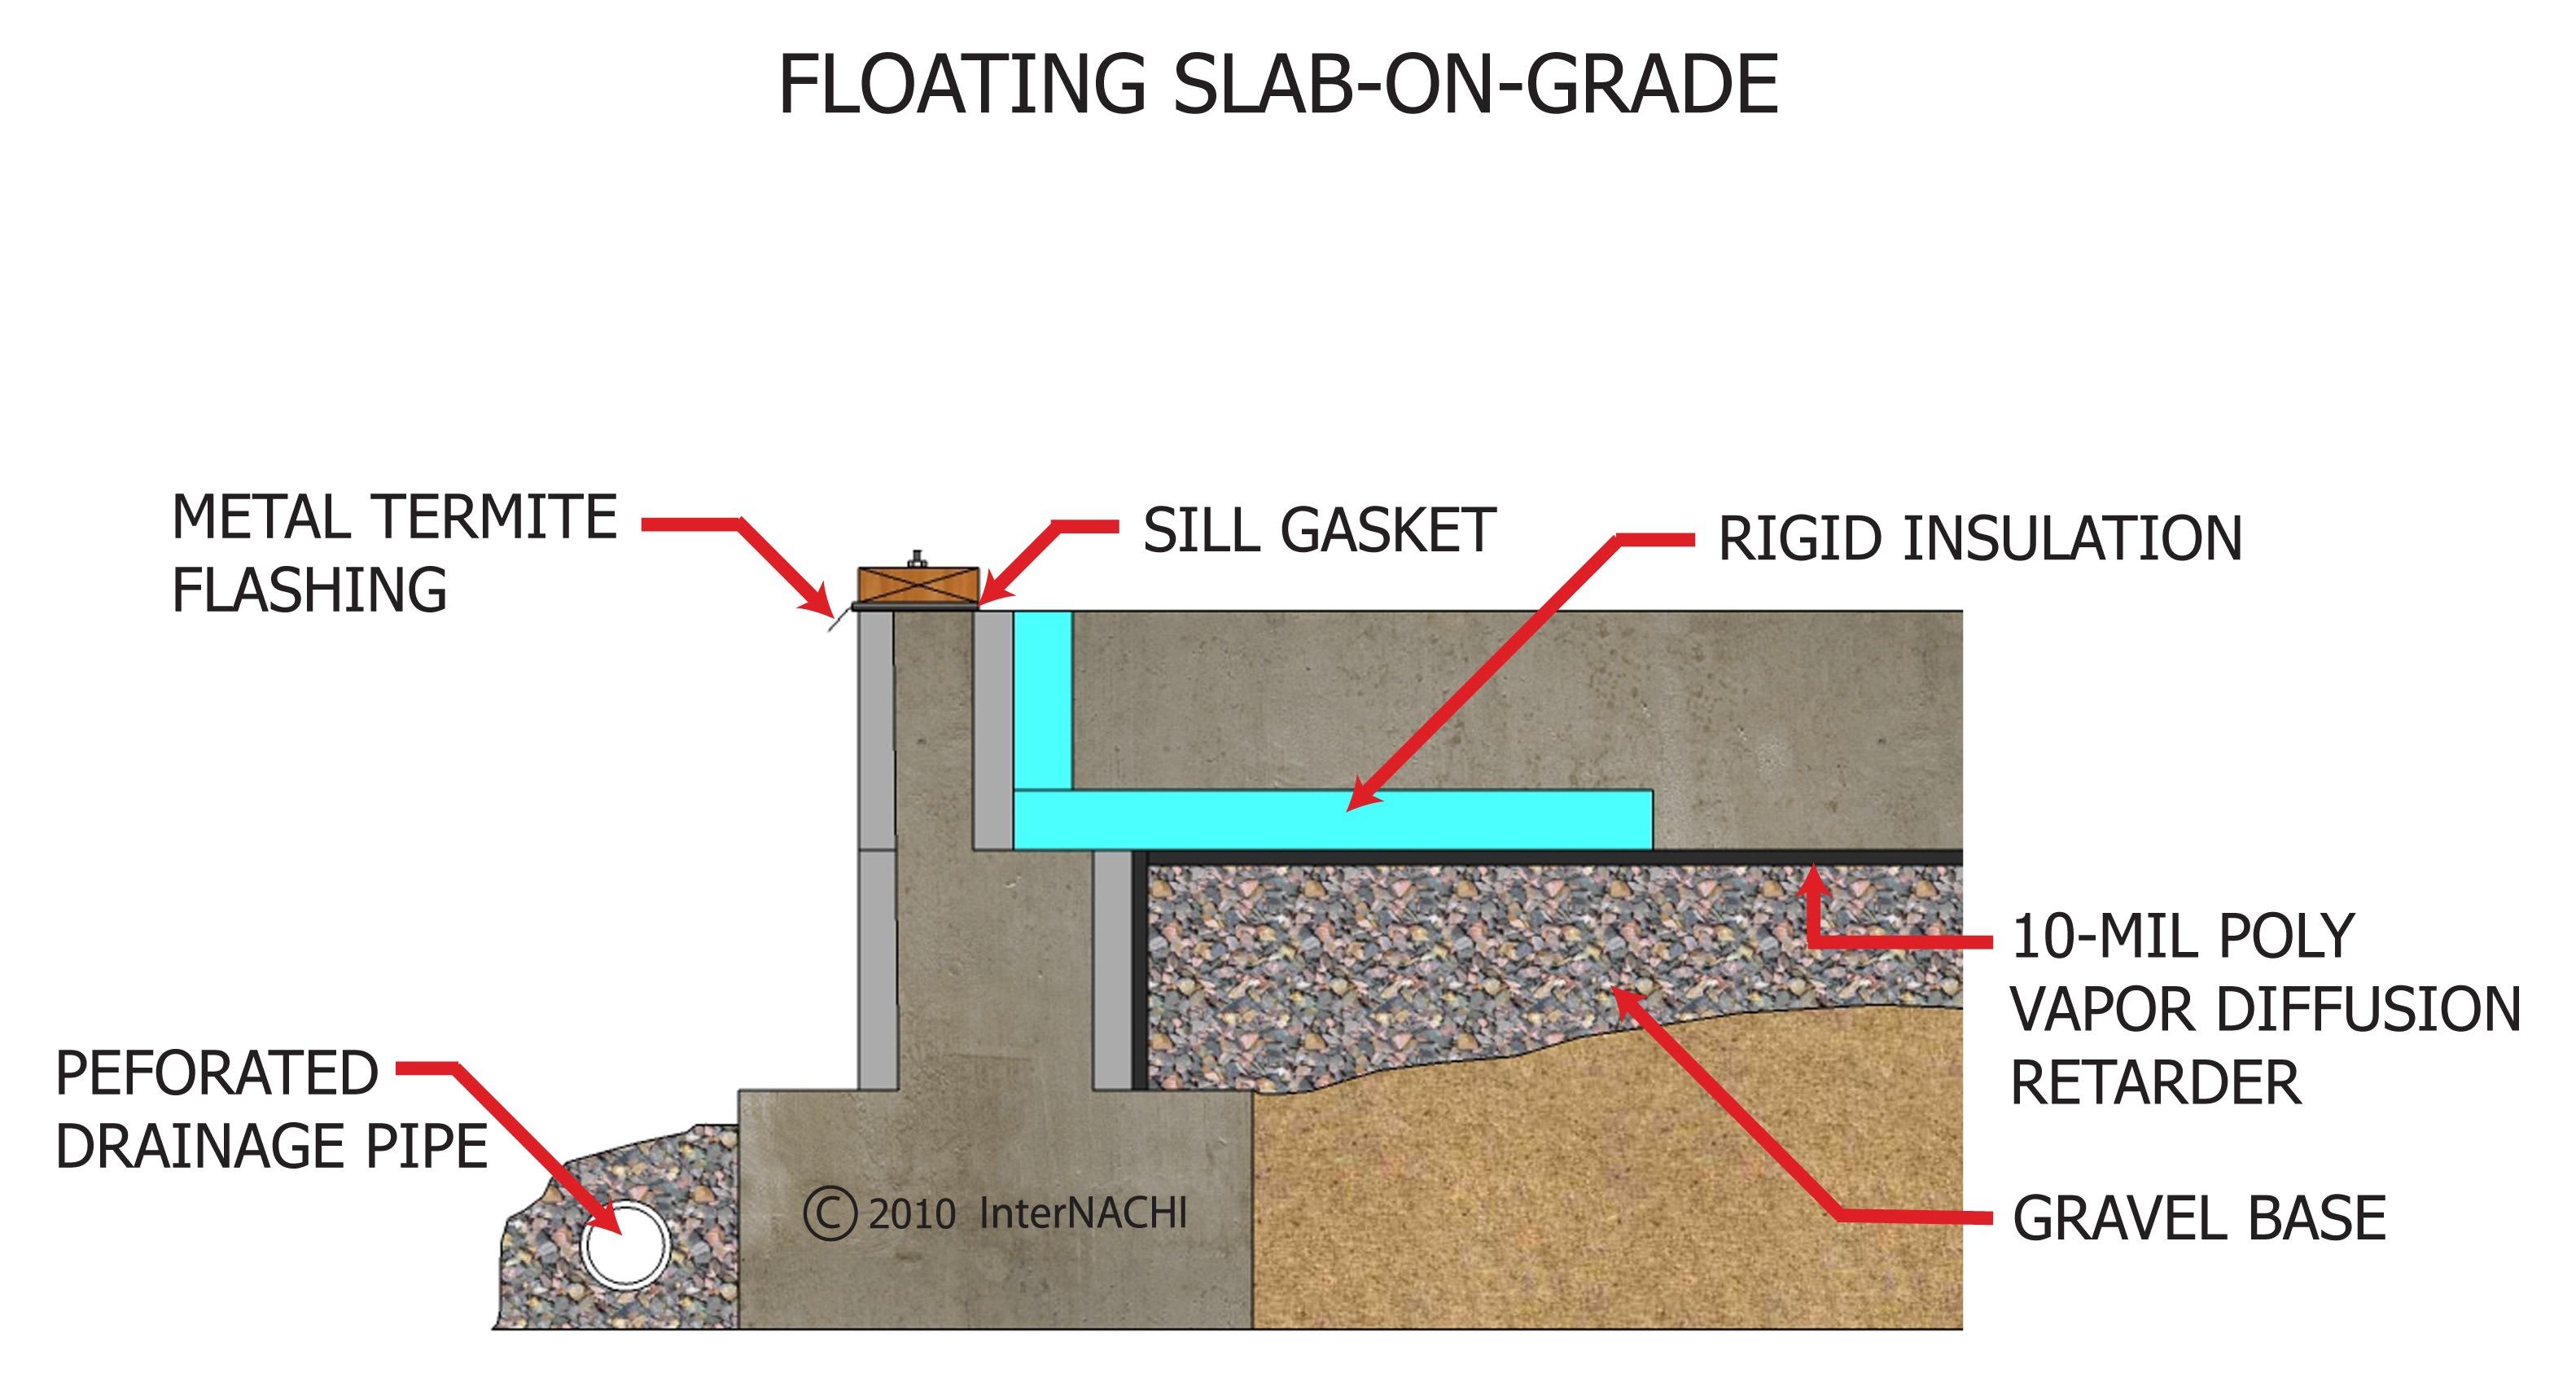 Floating slab on grade.